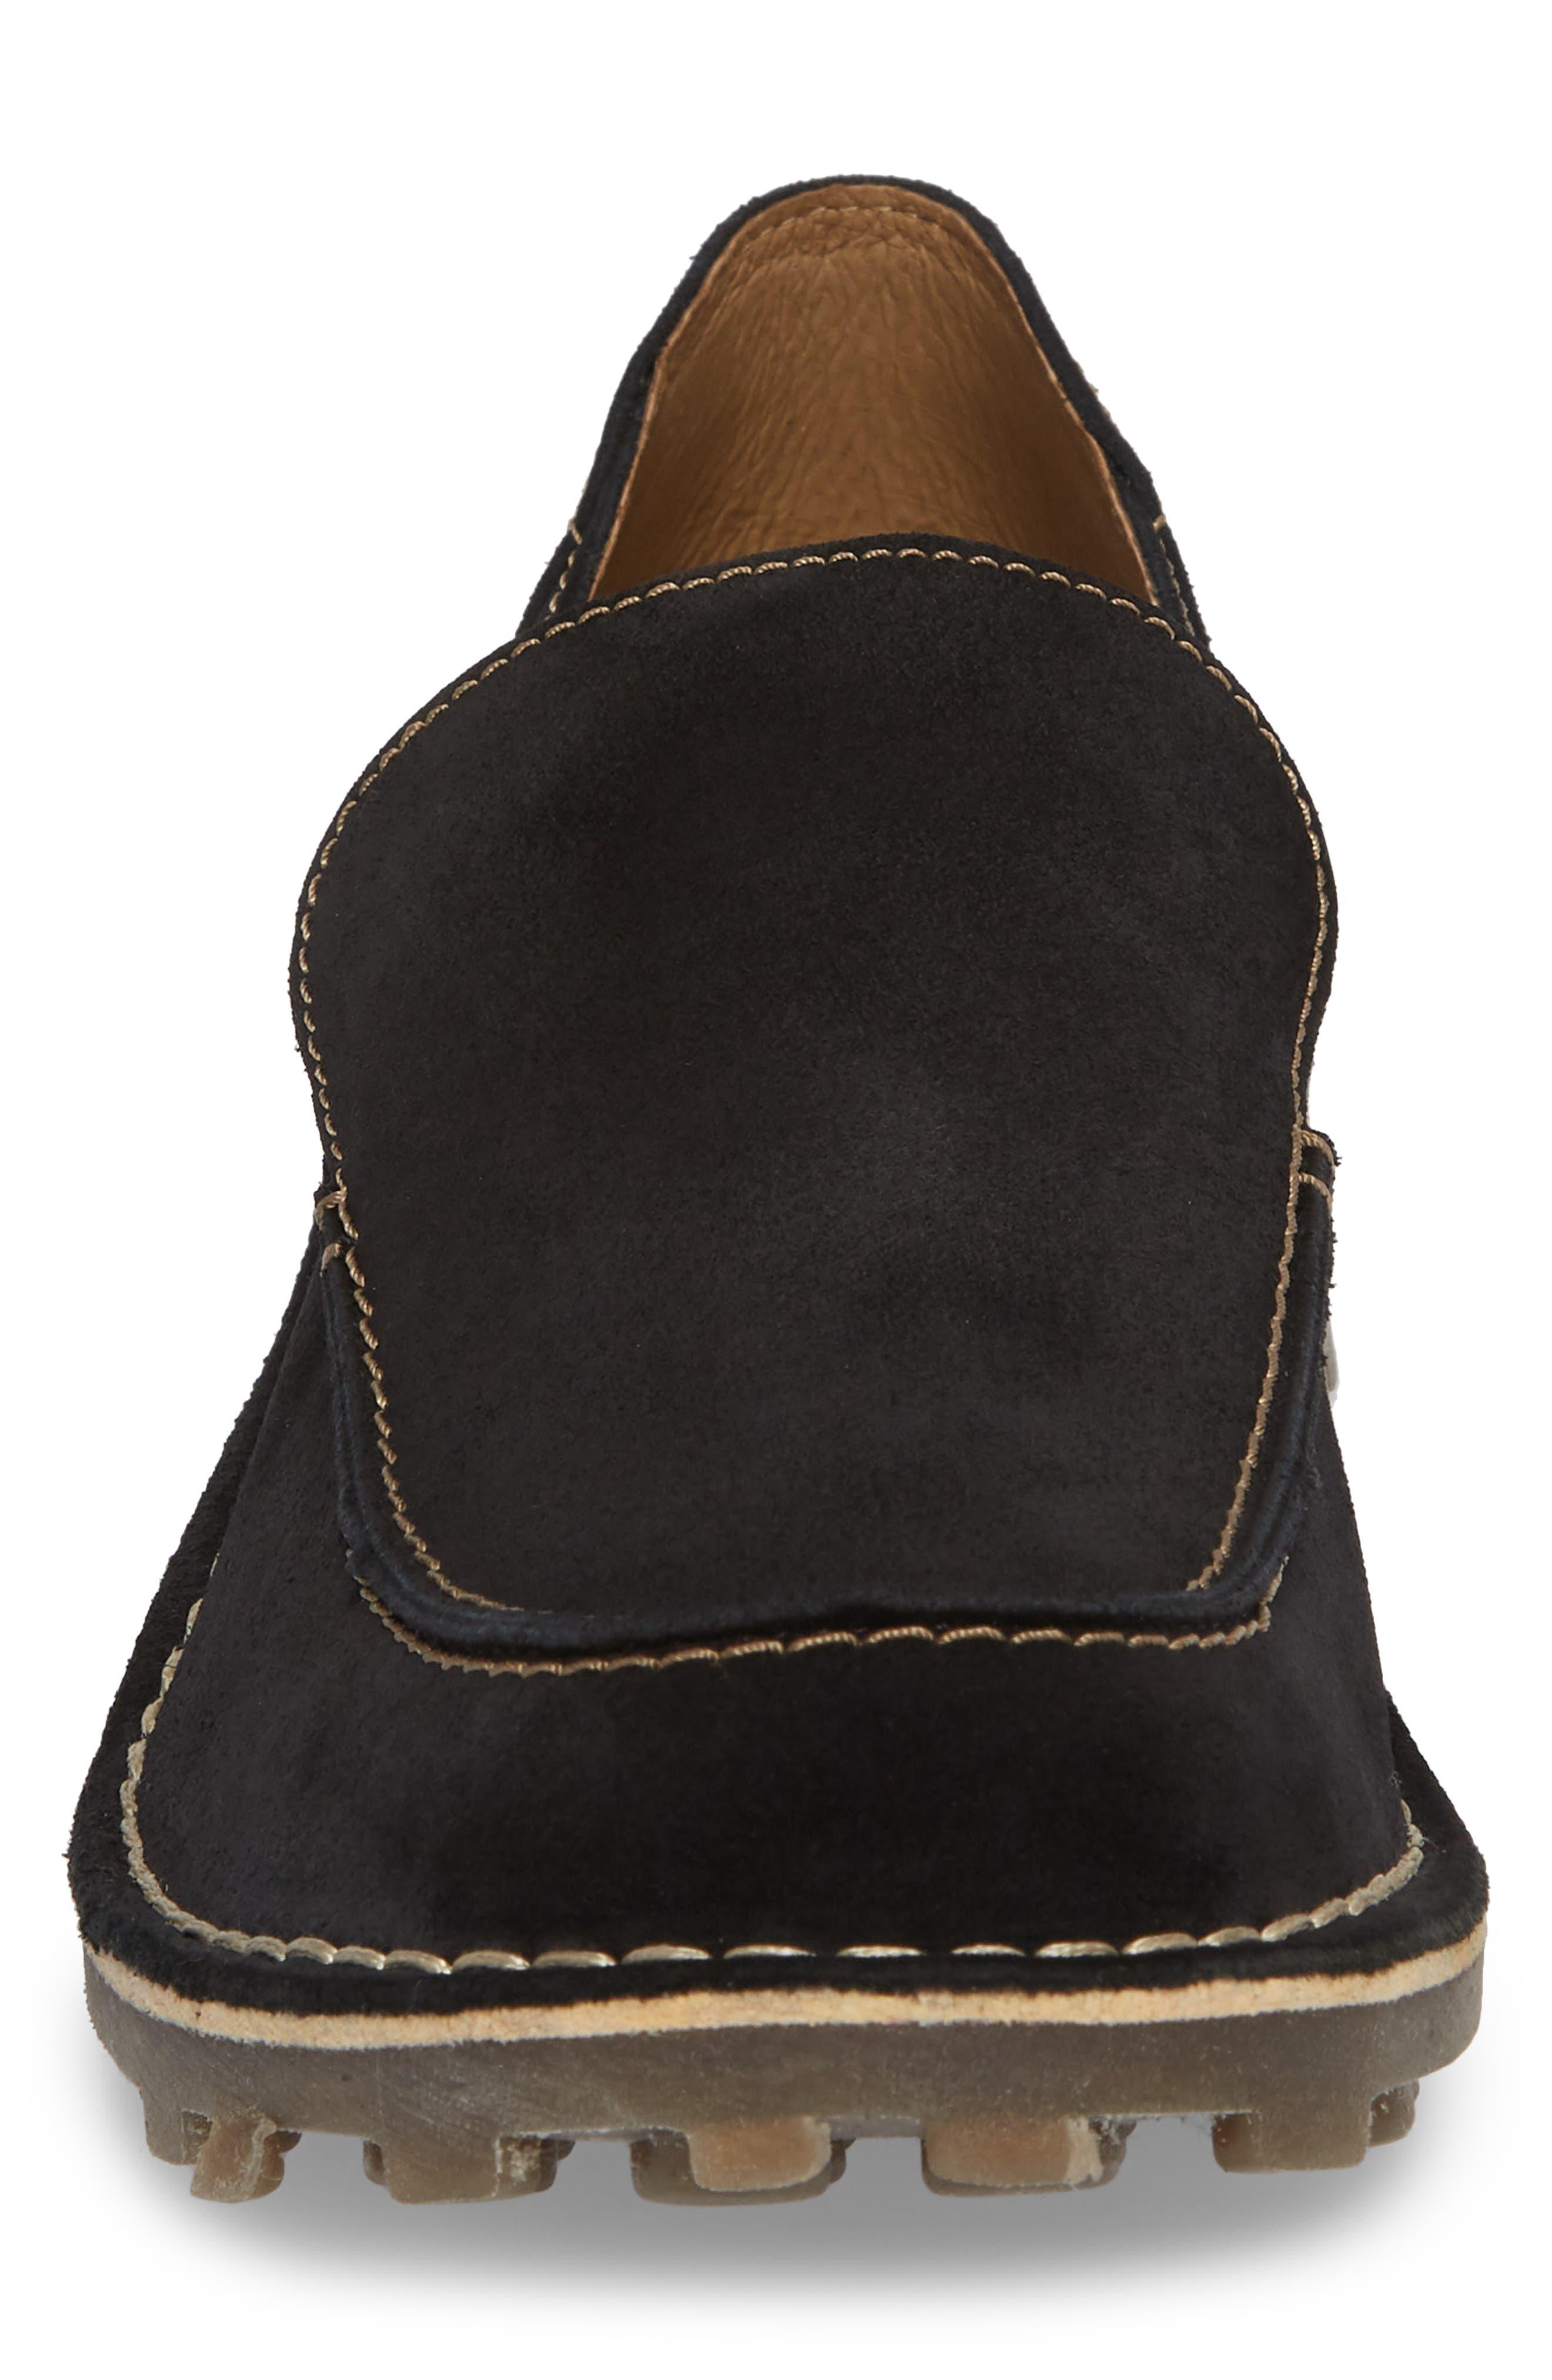 Meve Moc Toe Loafer,                             Alternate thumbnail 4, color,                             BLACK SUEDE